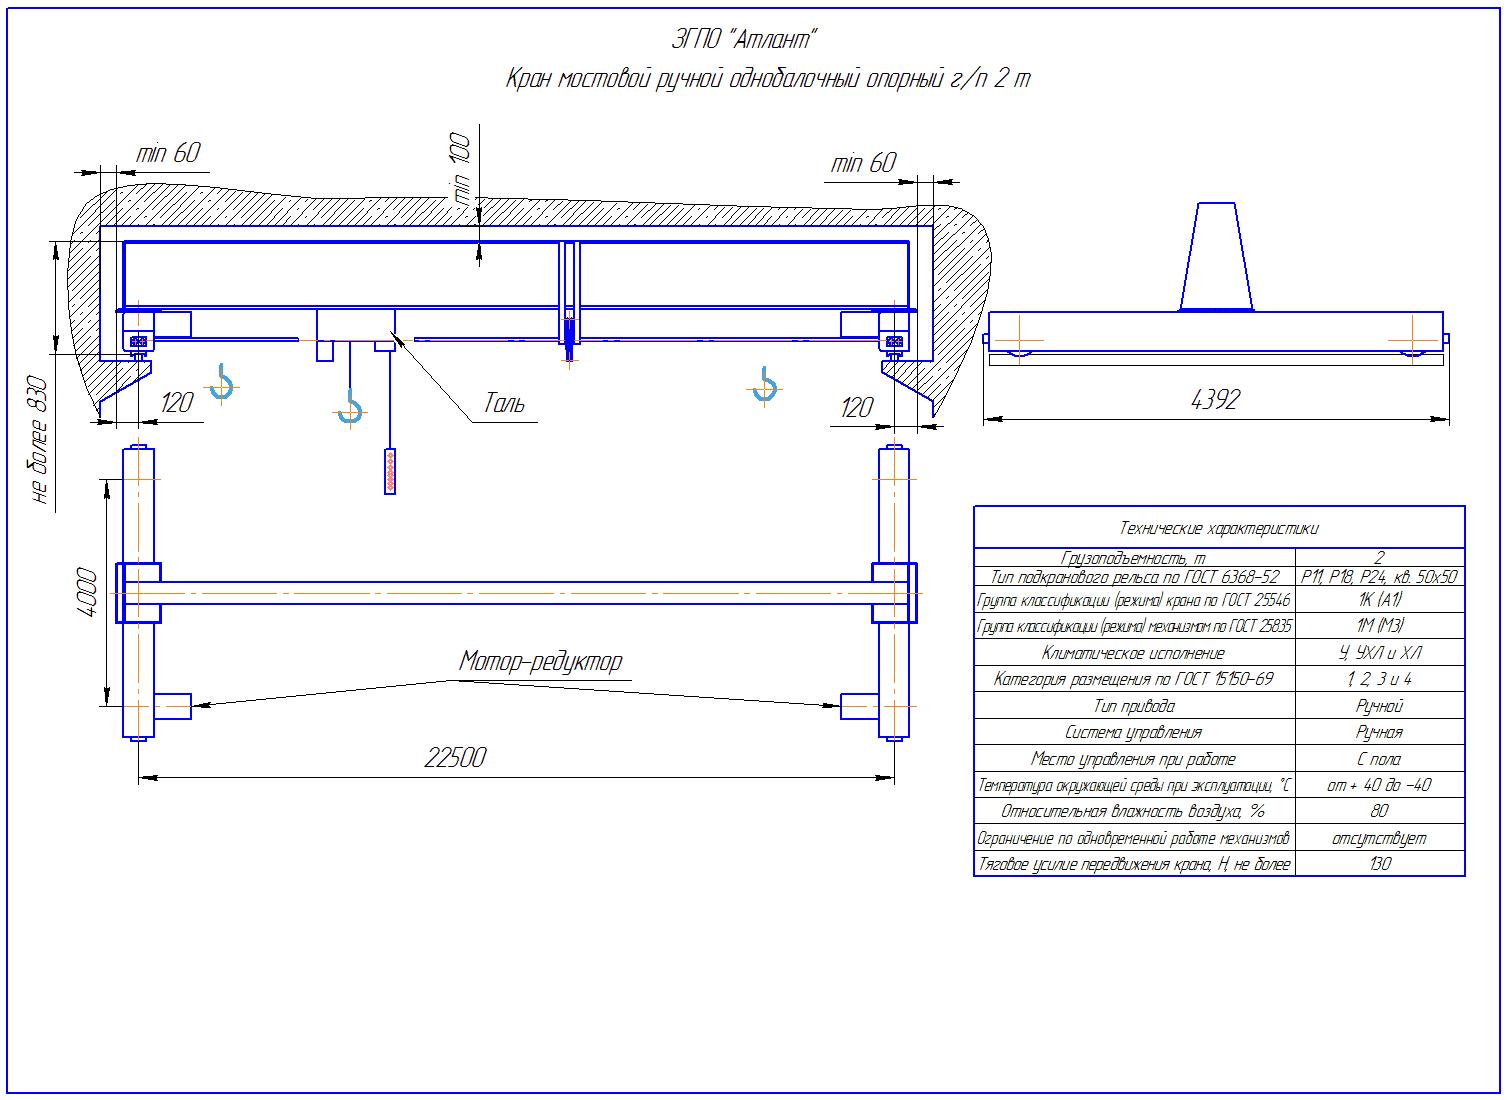 KRMOO 2 225 - Кран ручной мостовой опорный однобалочный